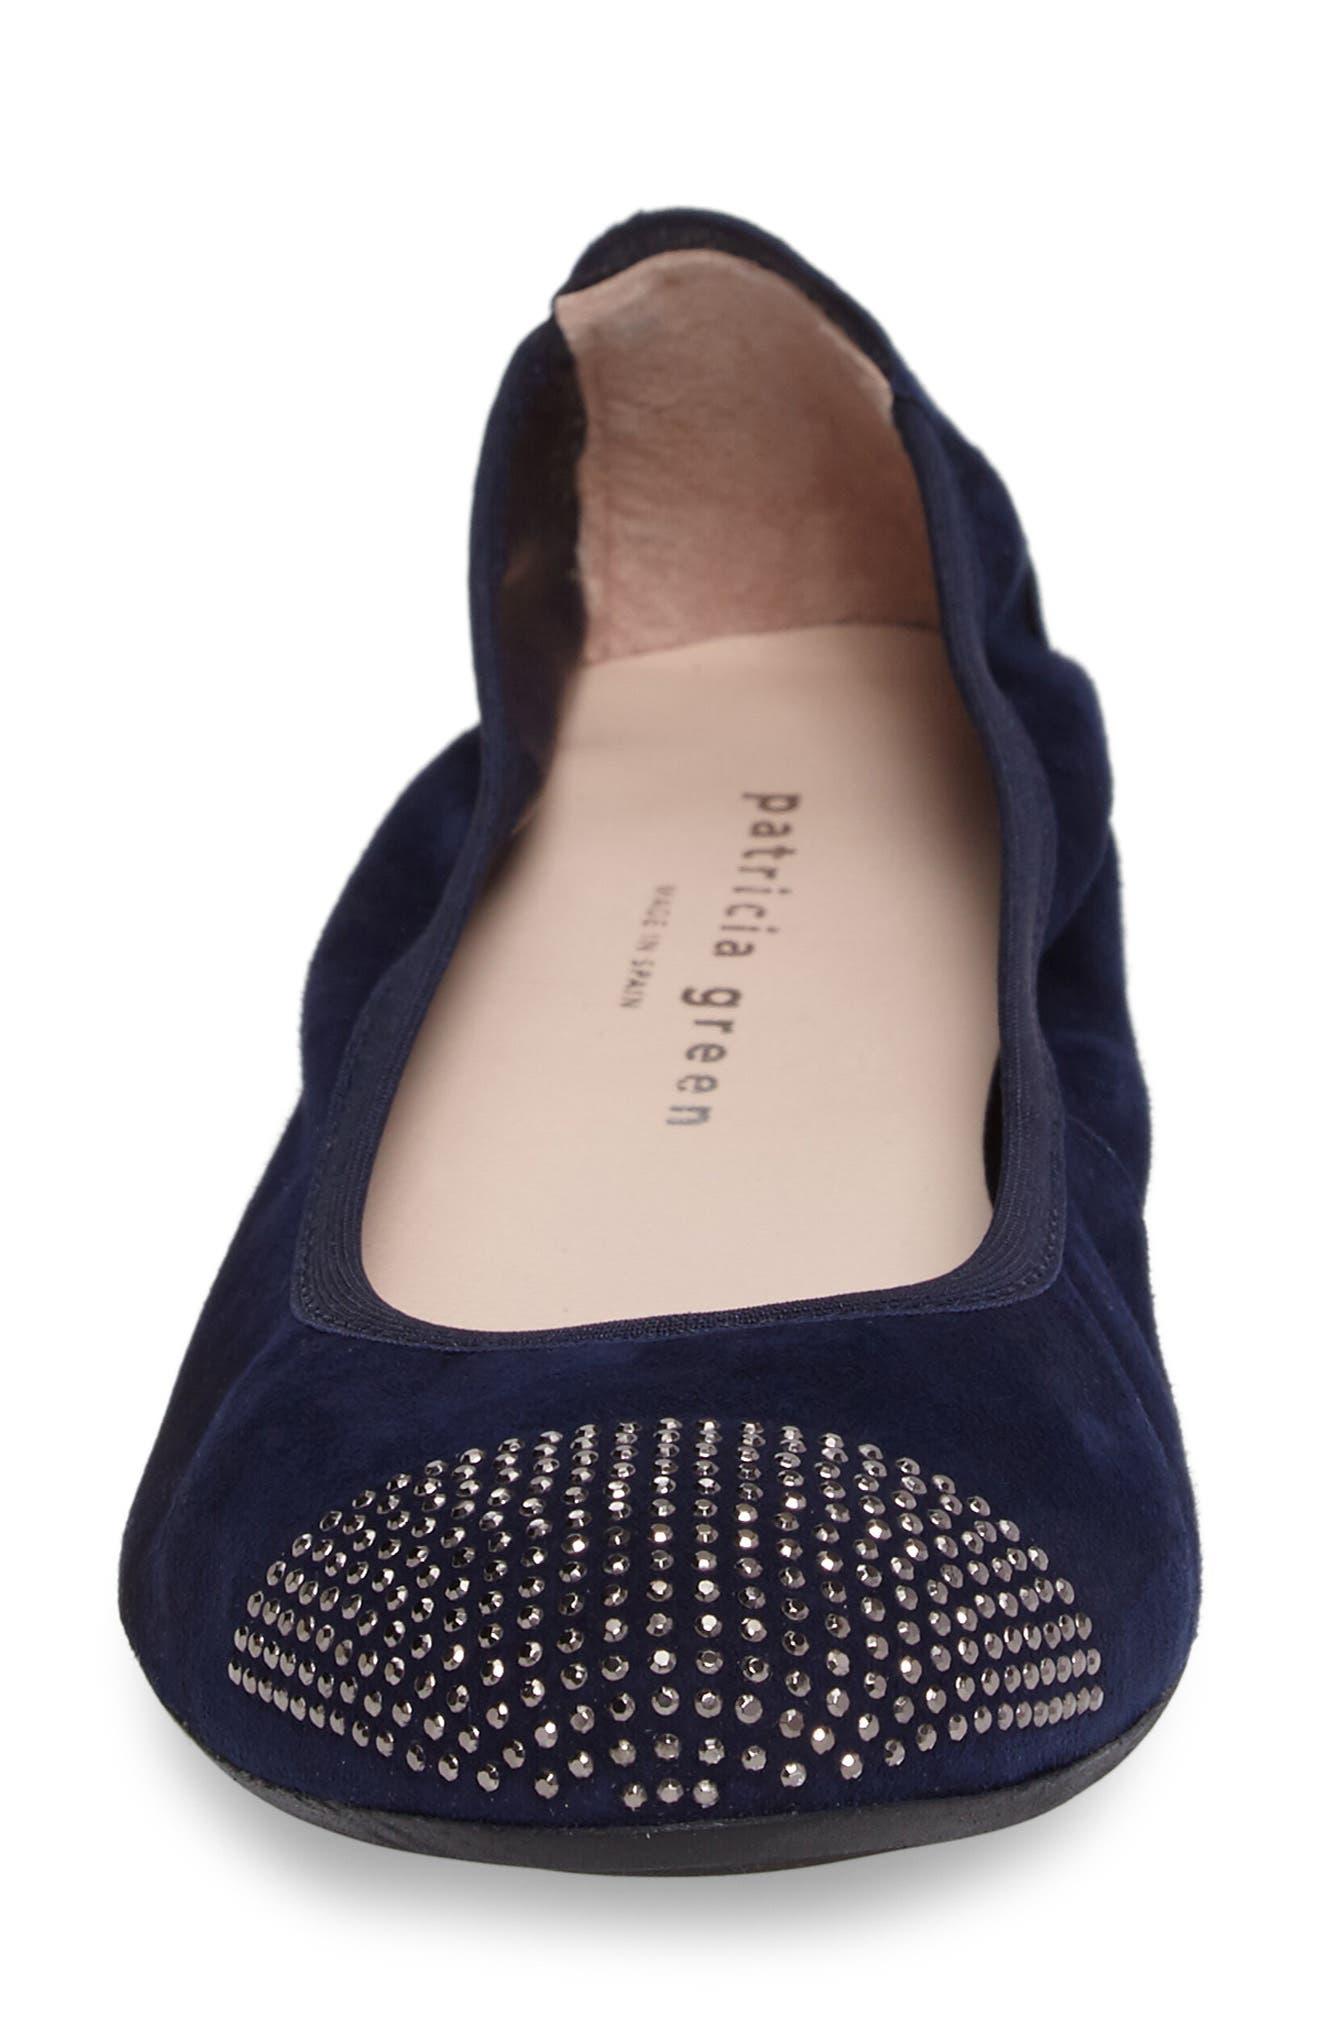 'Starr' Studded Ballet Flat,                             Alternate thumbnail 16, color,